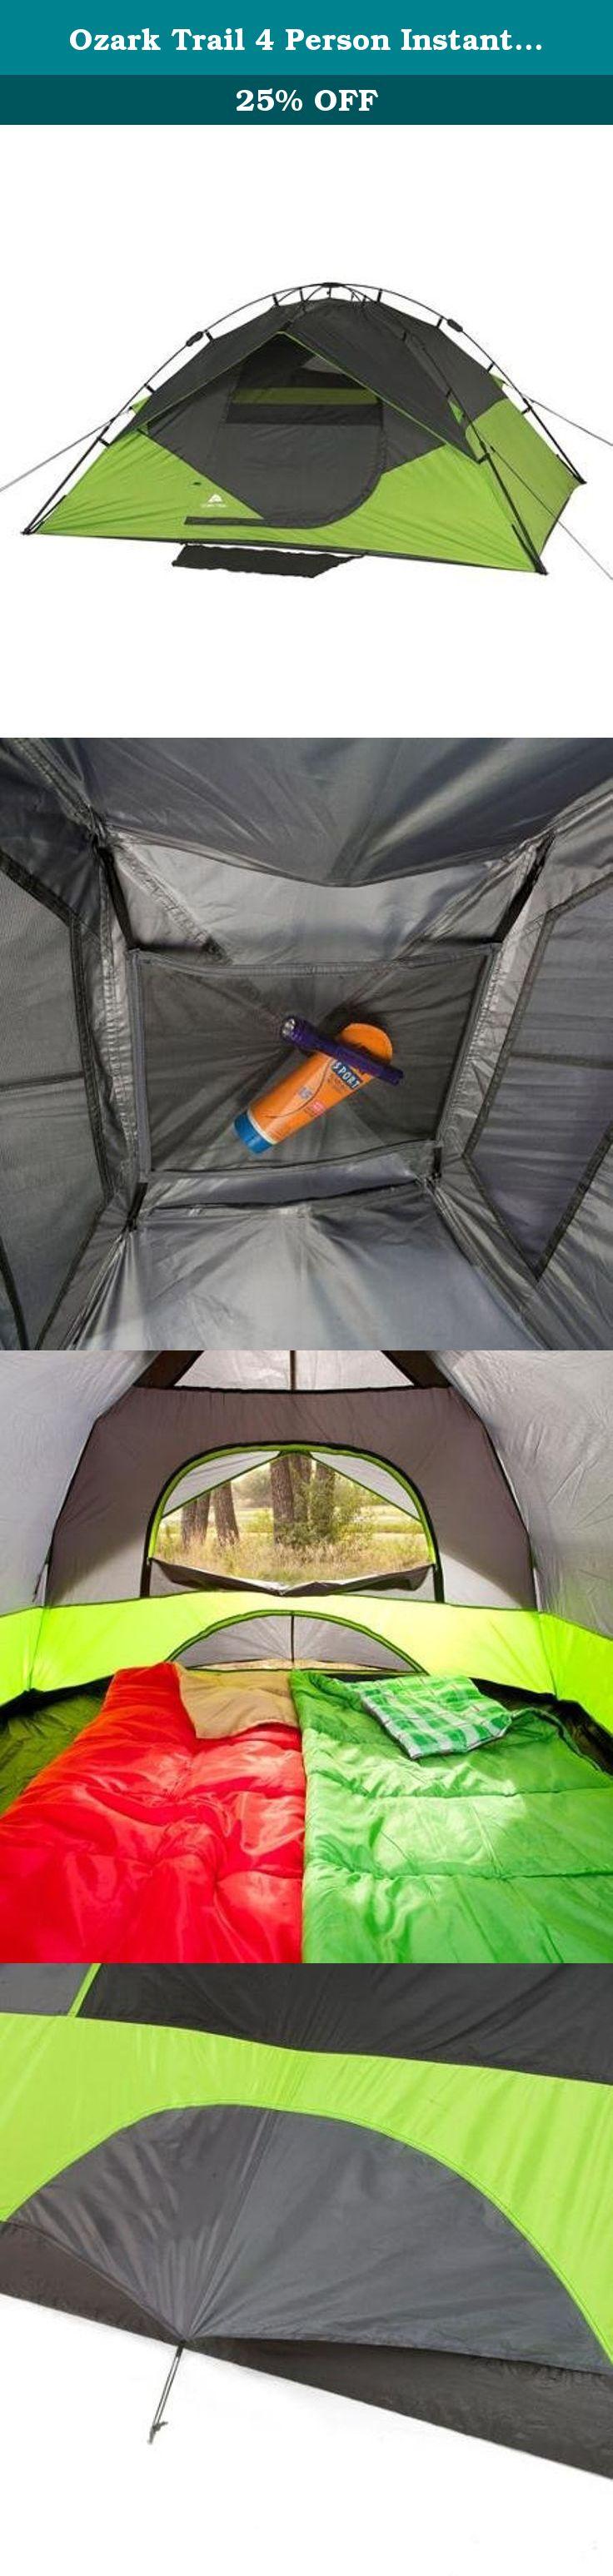 Ozark Trail 4 Person Instant Dome Tent. The Ozark Trail Instant Dome Tent sets up & Ozark Trail 4 Person Instant Dome Tent. The Ozark Trail Instant ...